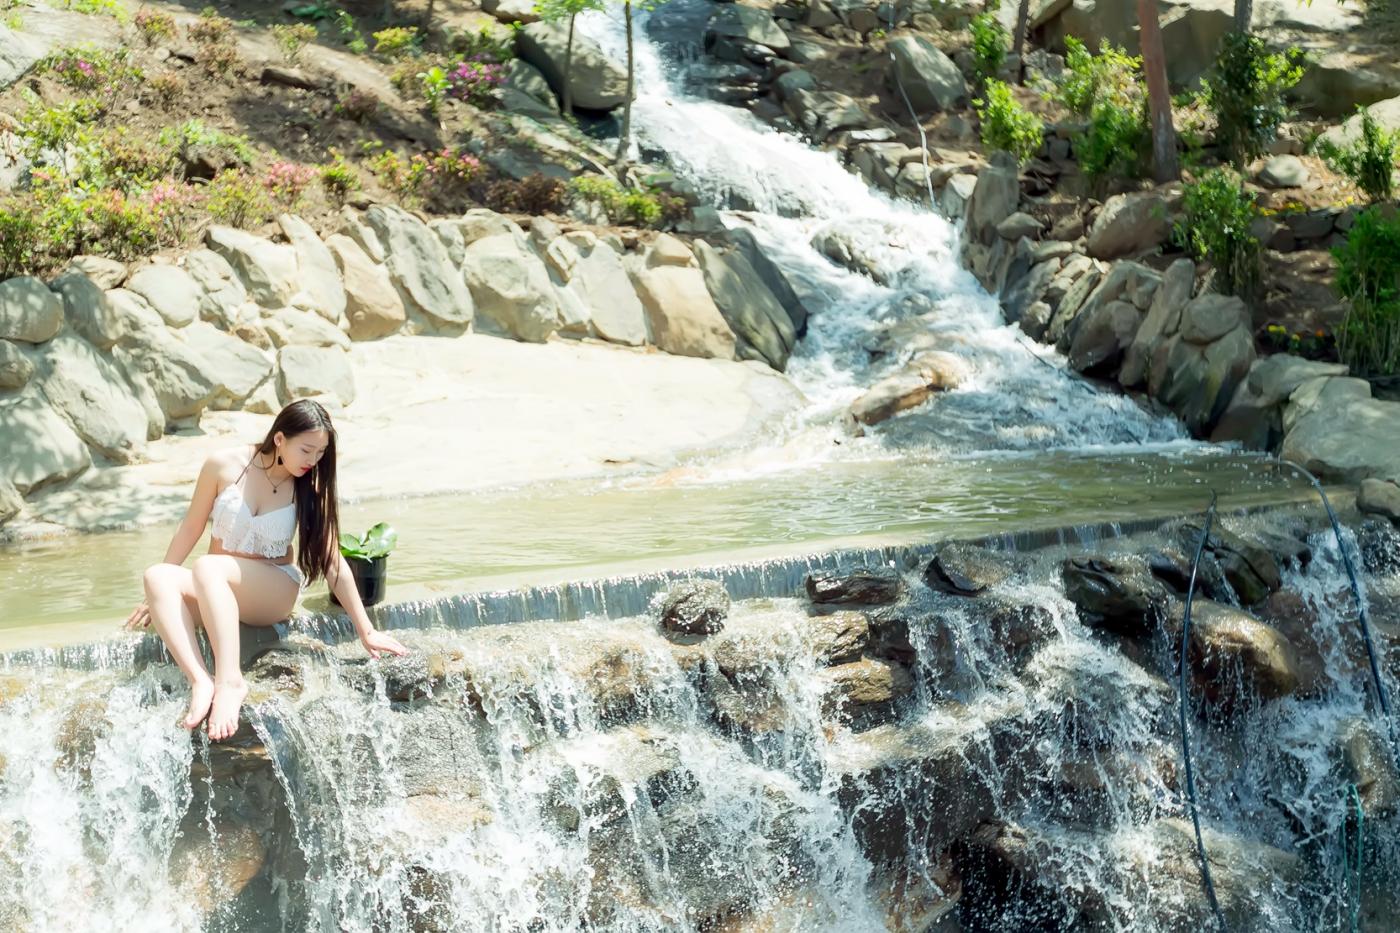 在临沂蒙山康谷温泉 与22位泳装女孩相遇在这里_图1-27